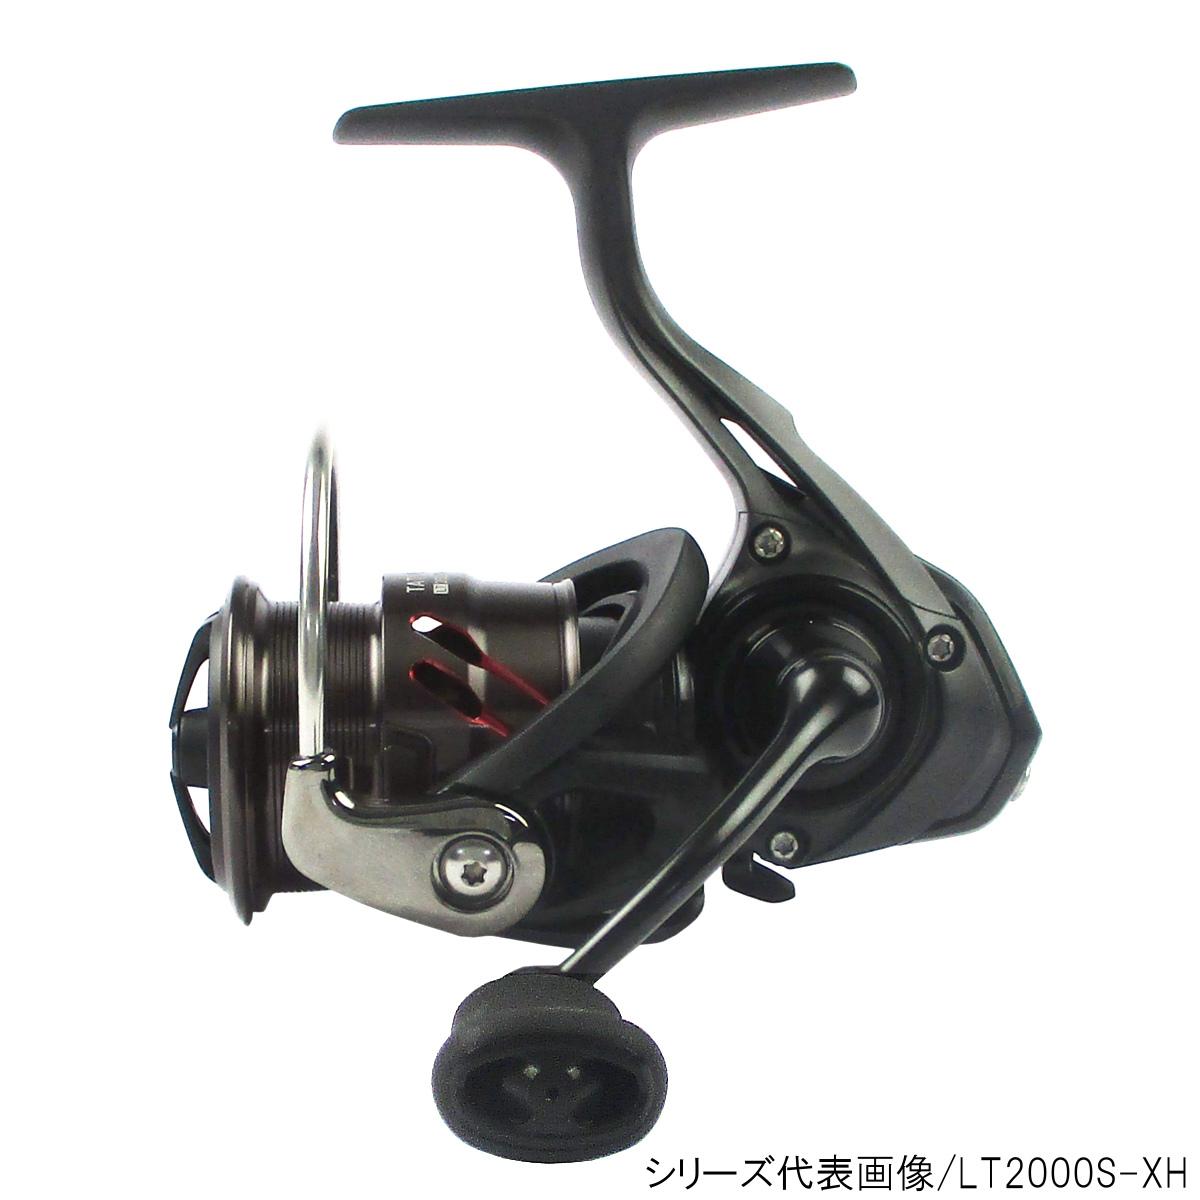 ダイワ タトゥーラ(スピニングモデル) LT2500S(東日本店)